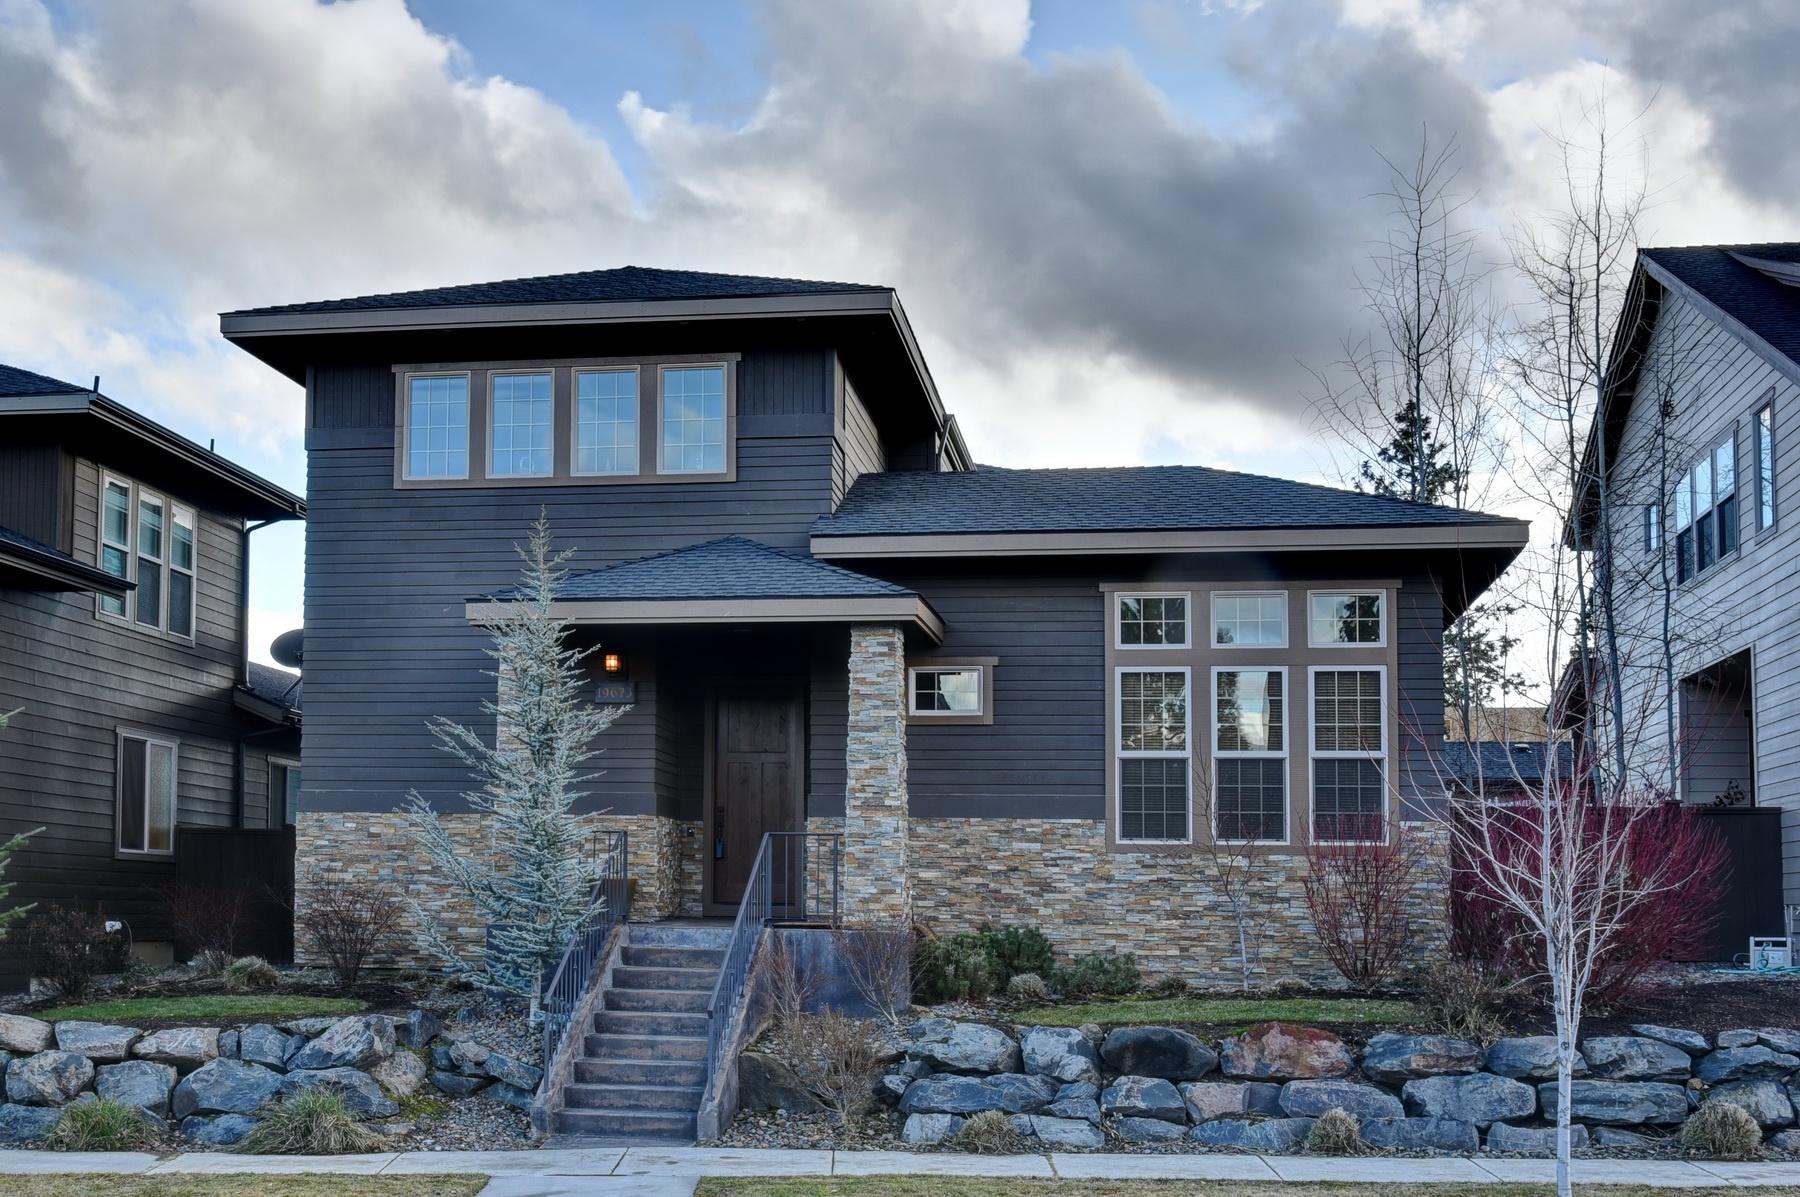 Casa Unifamiliar por un Venta en Aspen Rim 19673 Harvard Pl Bend, Oregon 97702 Estados Unidos